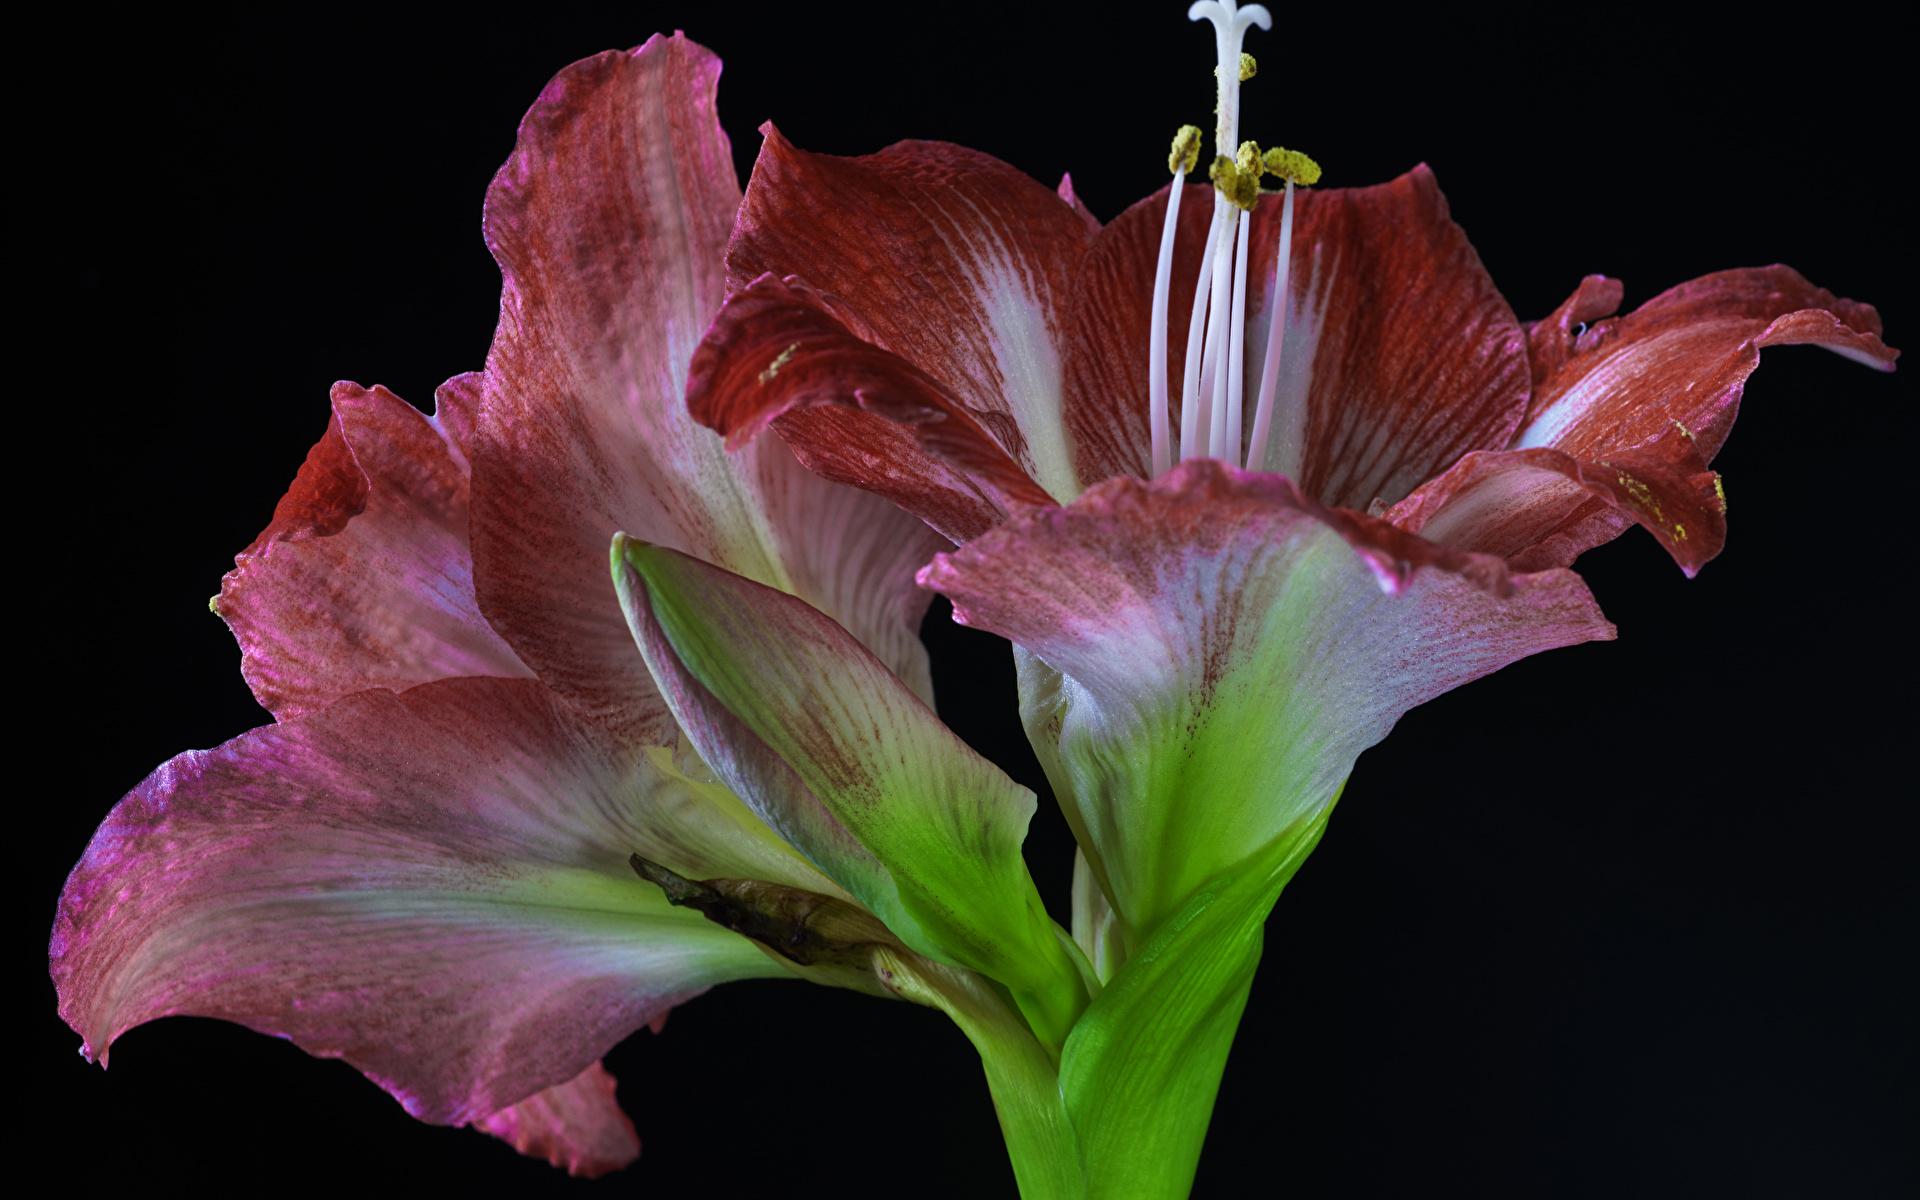 Картинки Цветы Амариллис Бутон вблизи Черный фон 1920x1200 Крупным планом